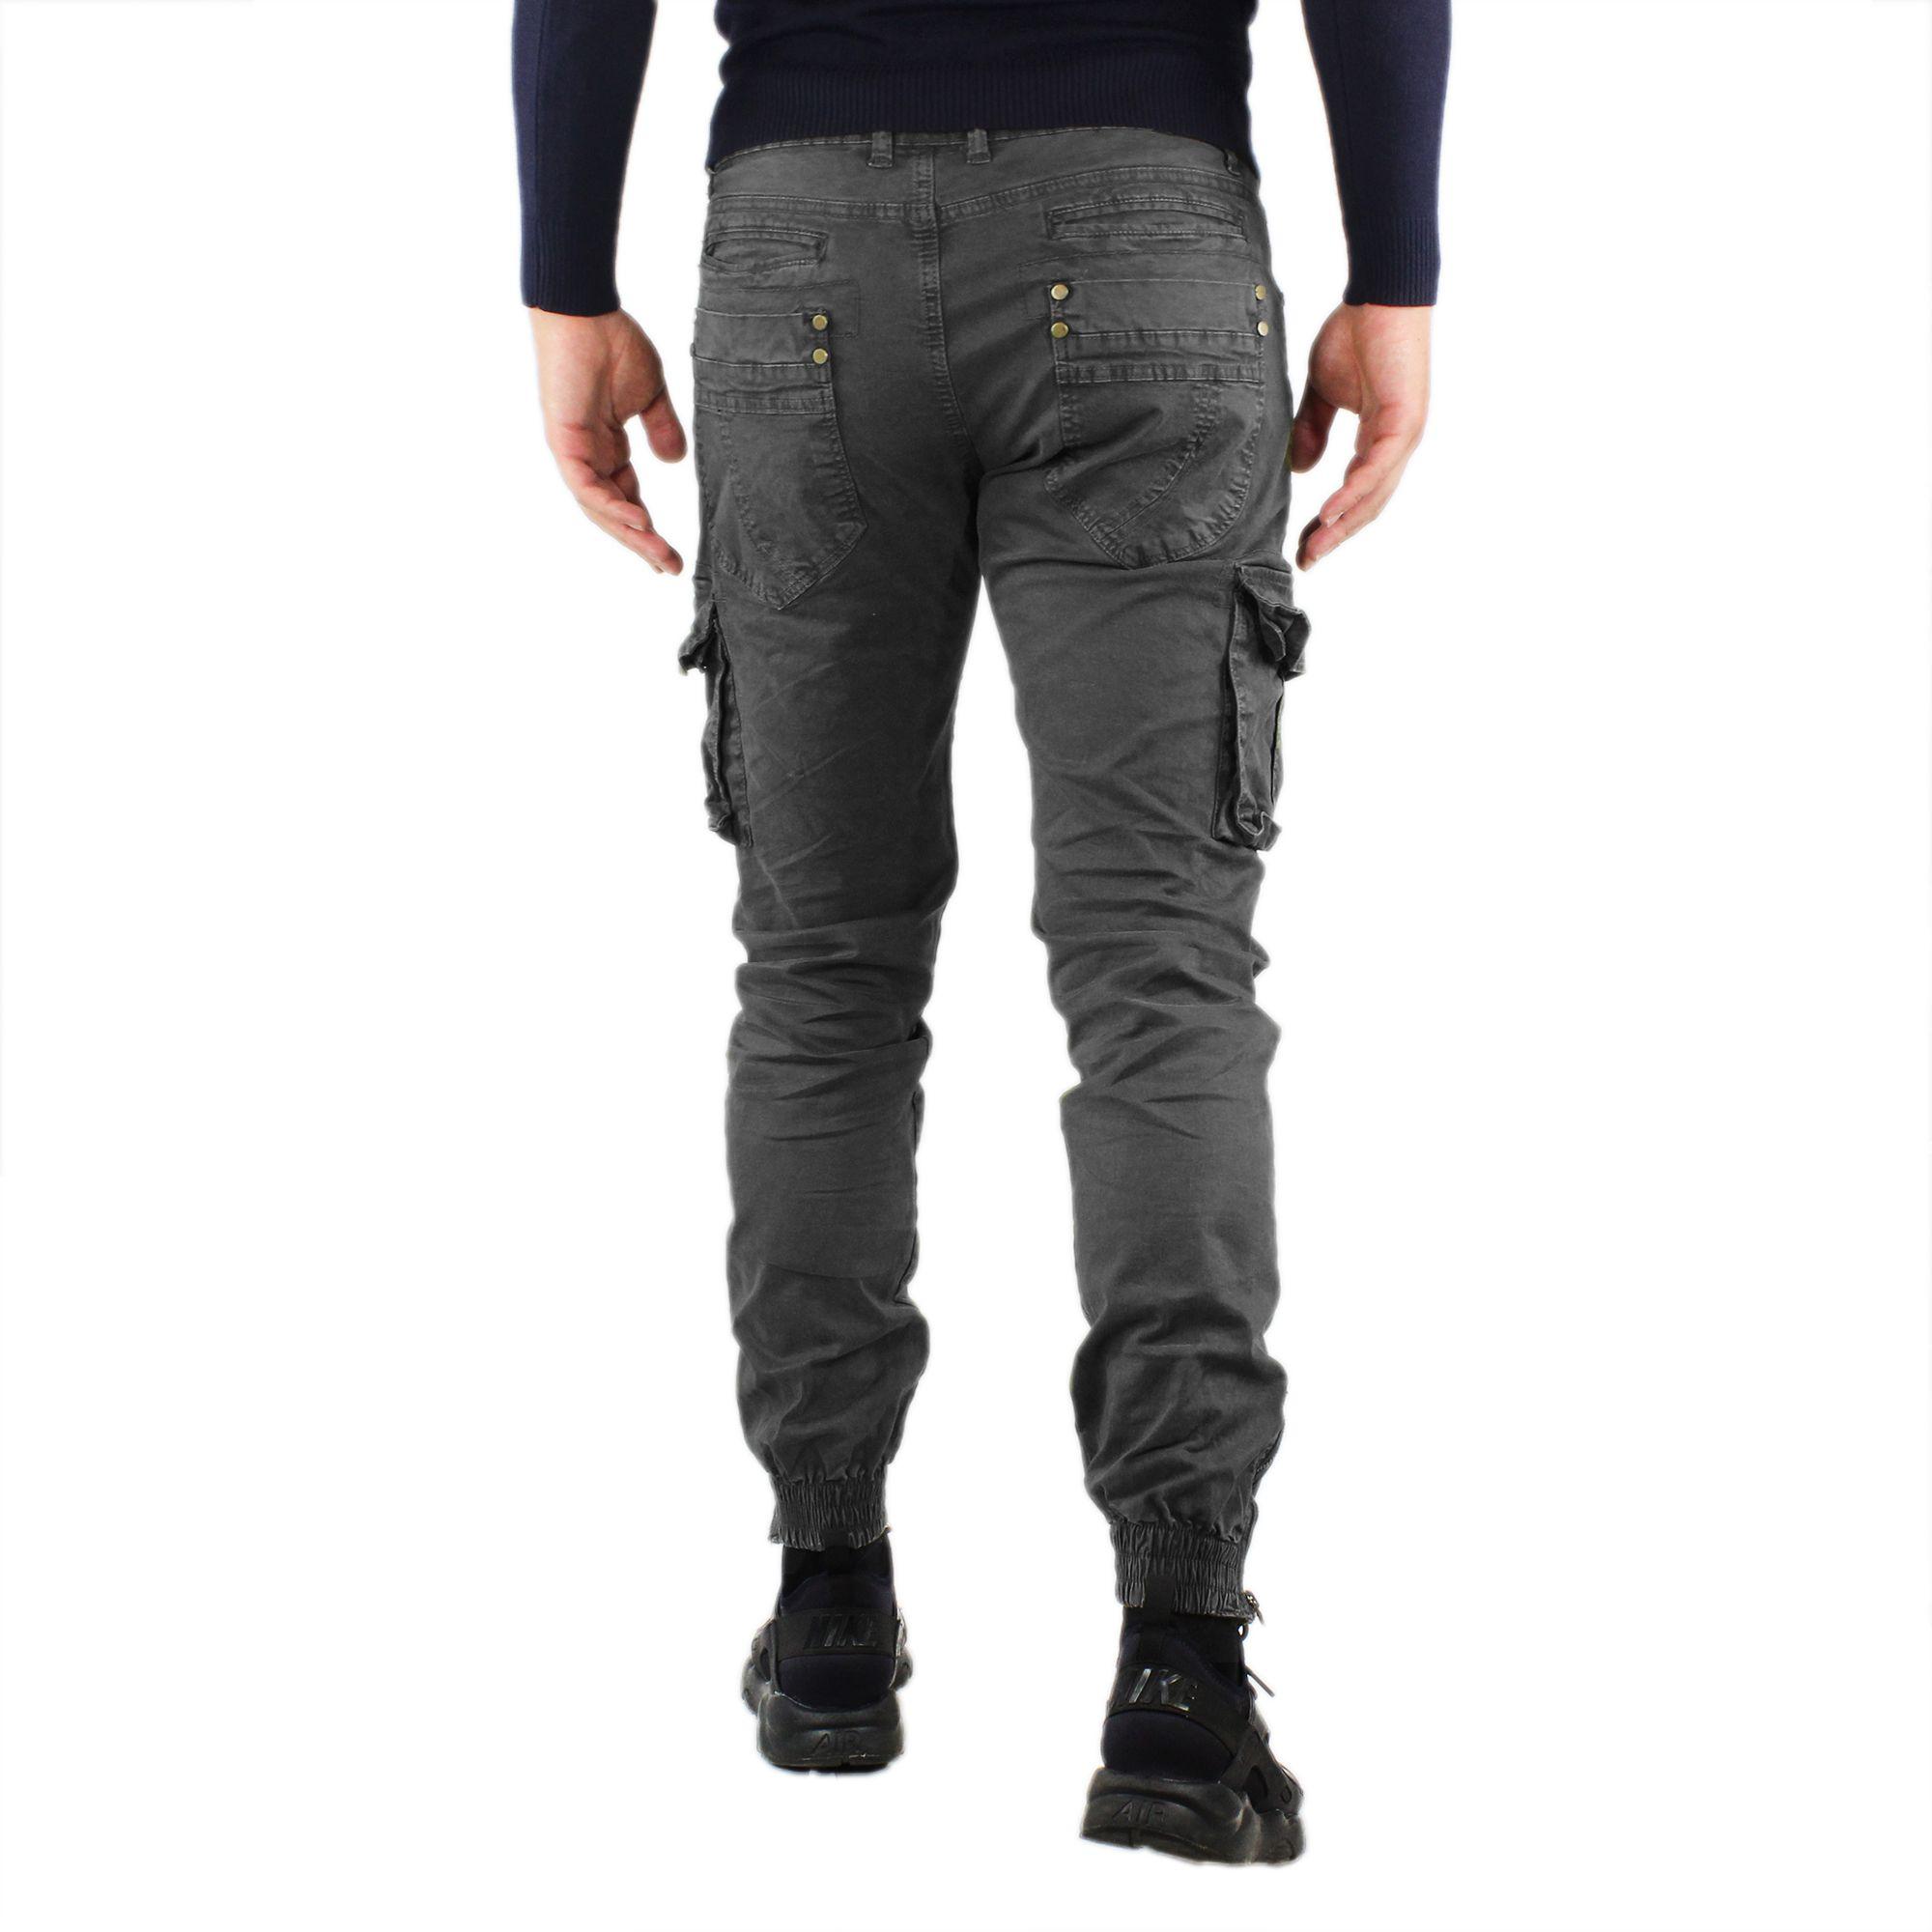 Pantaloni-Cargo-Uomo-Invernale-Tasche-Laterali-Cotone-Slim-Fit-Tasconi-Casual miniatura 5